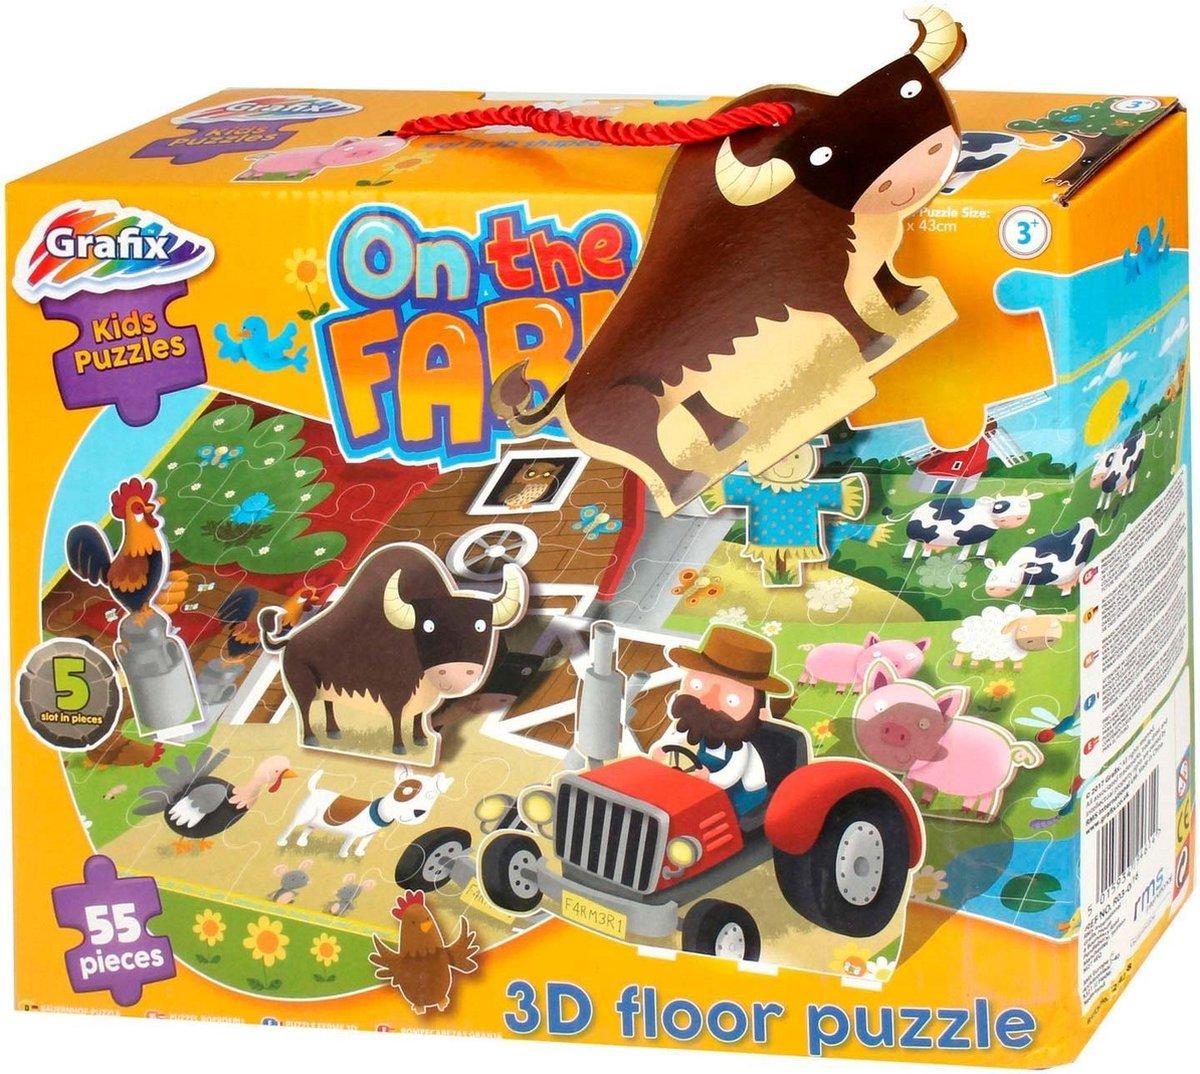 Vloerpuzzel - Boerderij - 3D puzzel - 55 stukjes - Puzzel - Kinderen